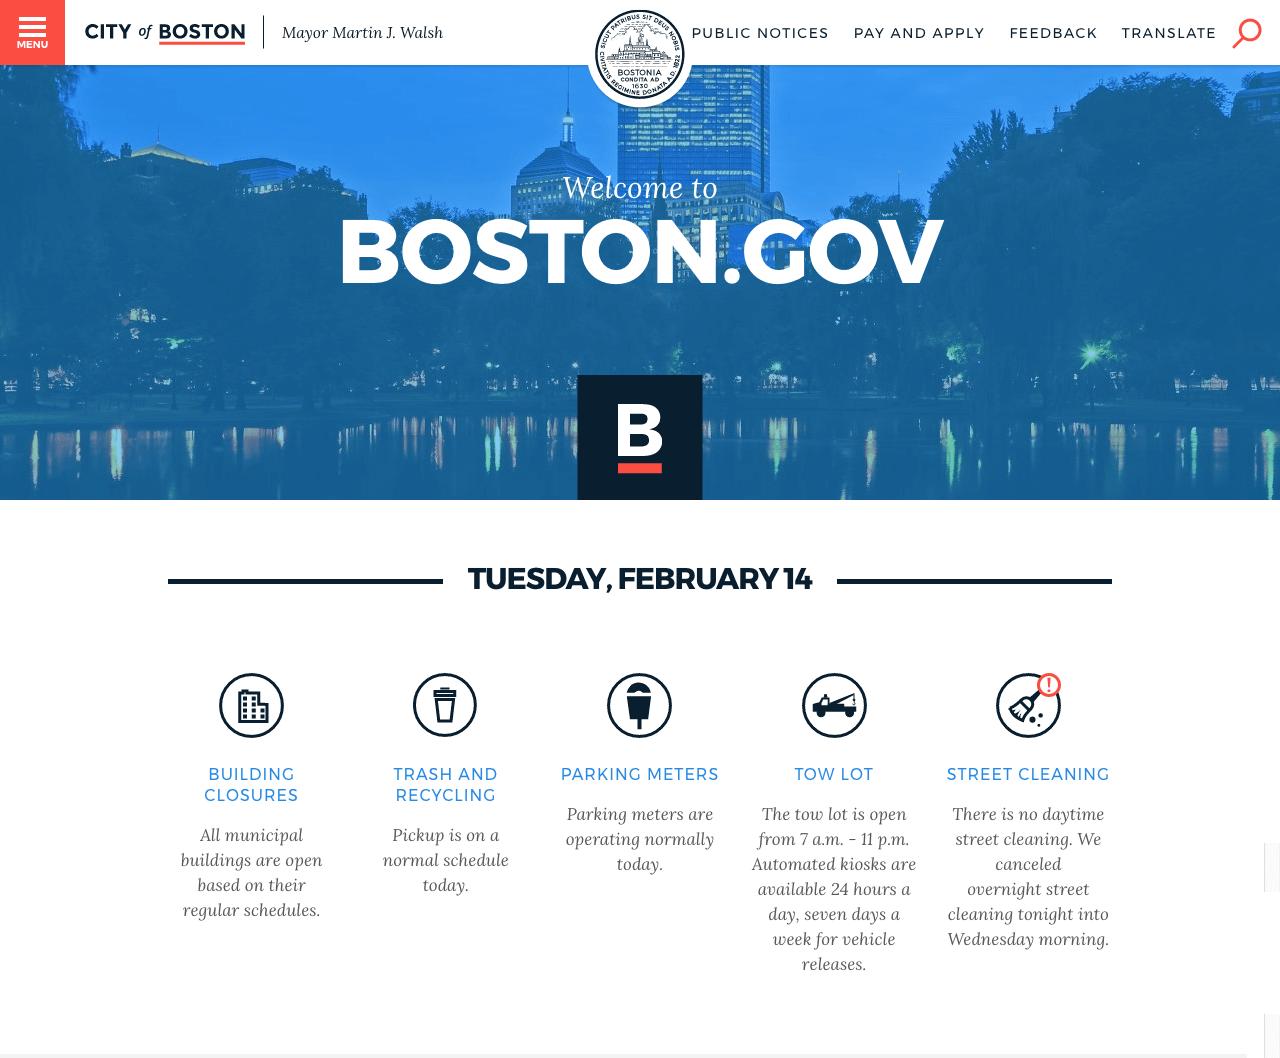 引用元:BOSTON.GOV 公式サイト